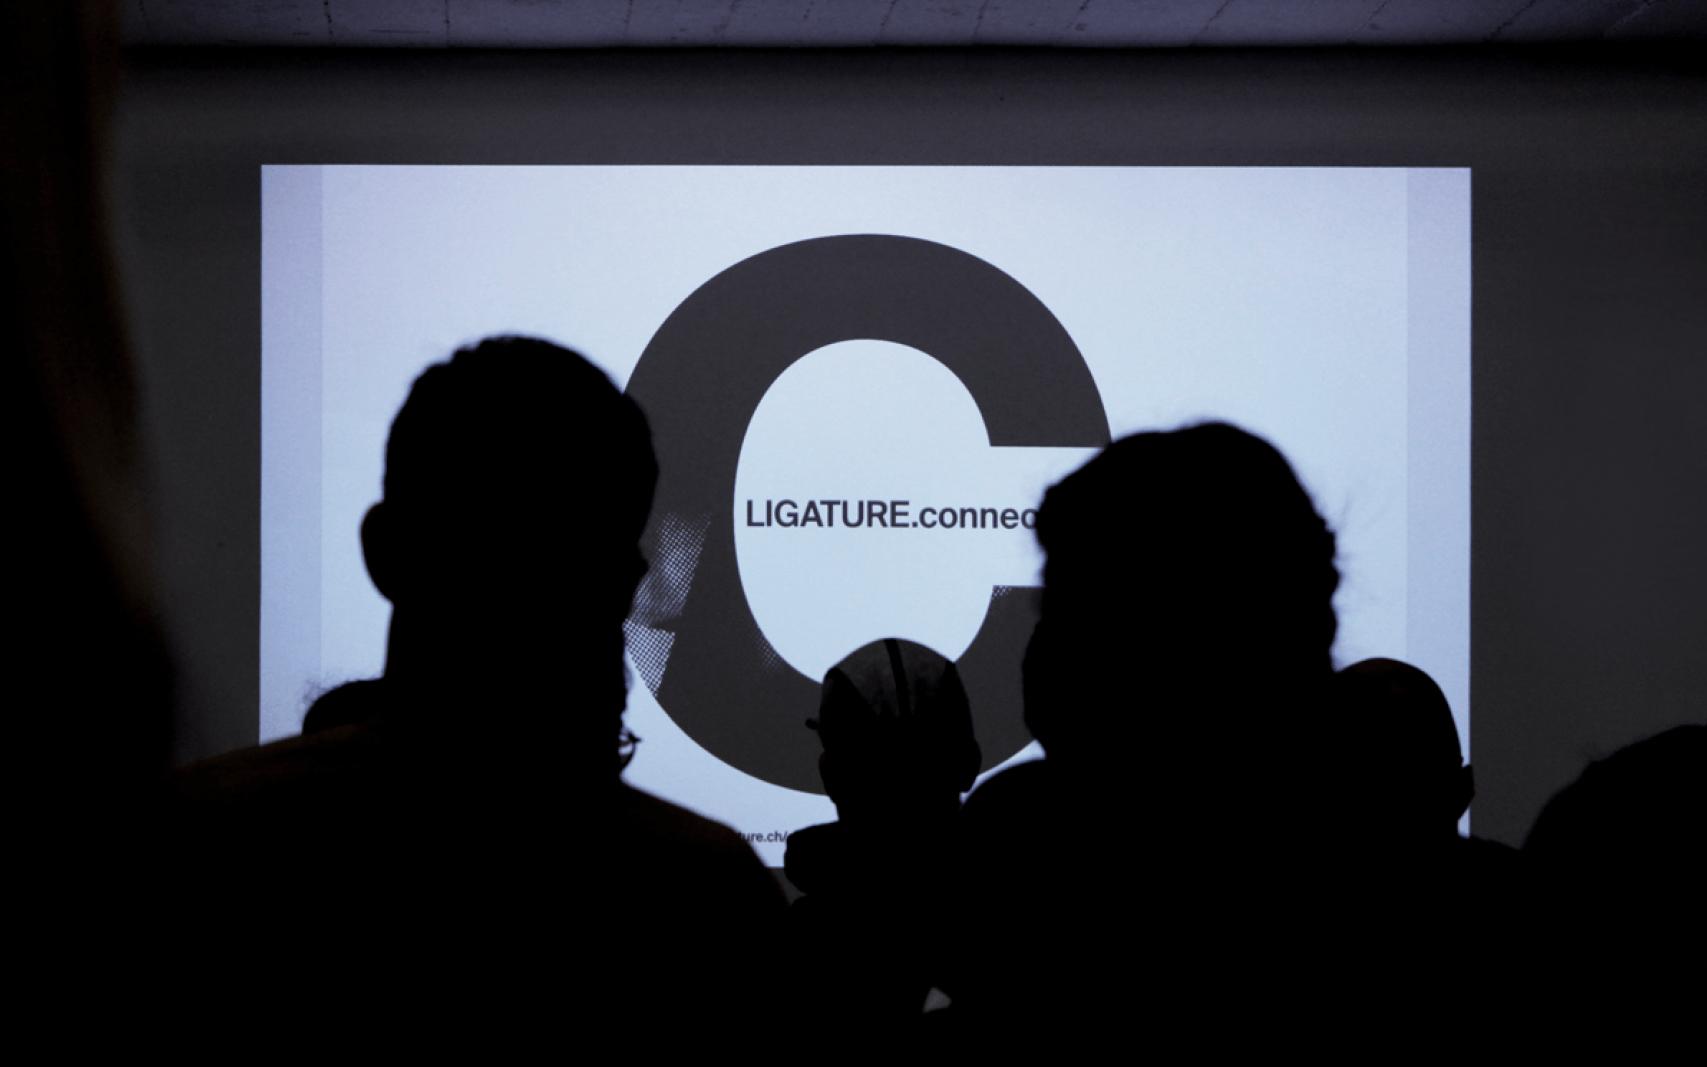 ligature_connections